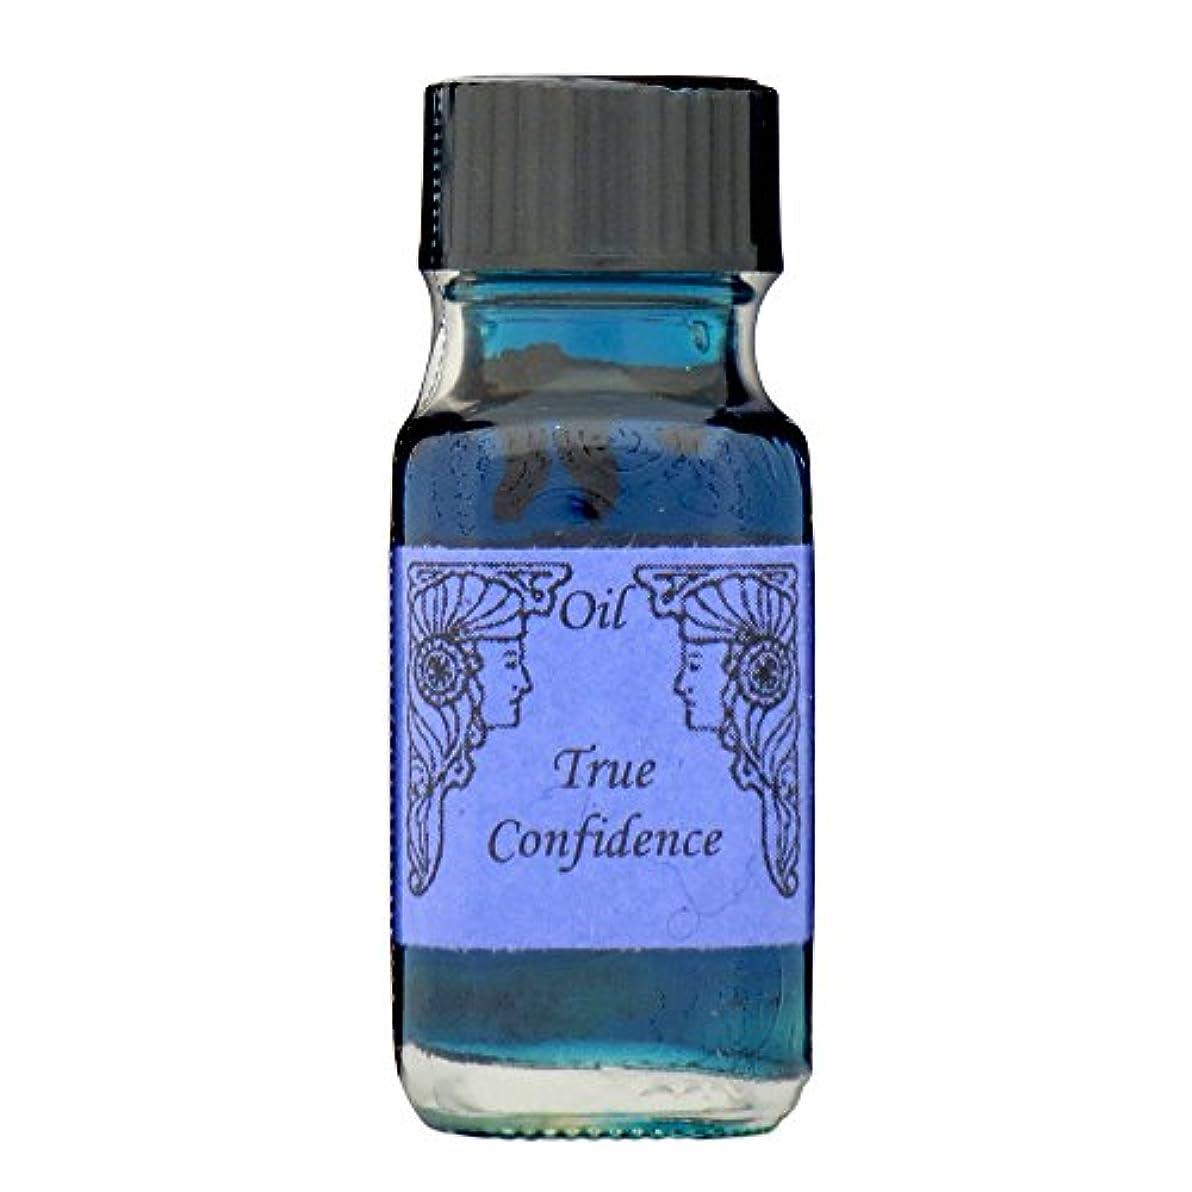 見込み戸棚超越するアンシェントメモリーオイル トゥルーコンフィデンス (真の自信) 15ml (Ancient Memory Oils)